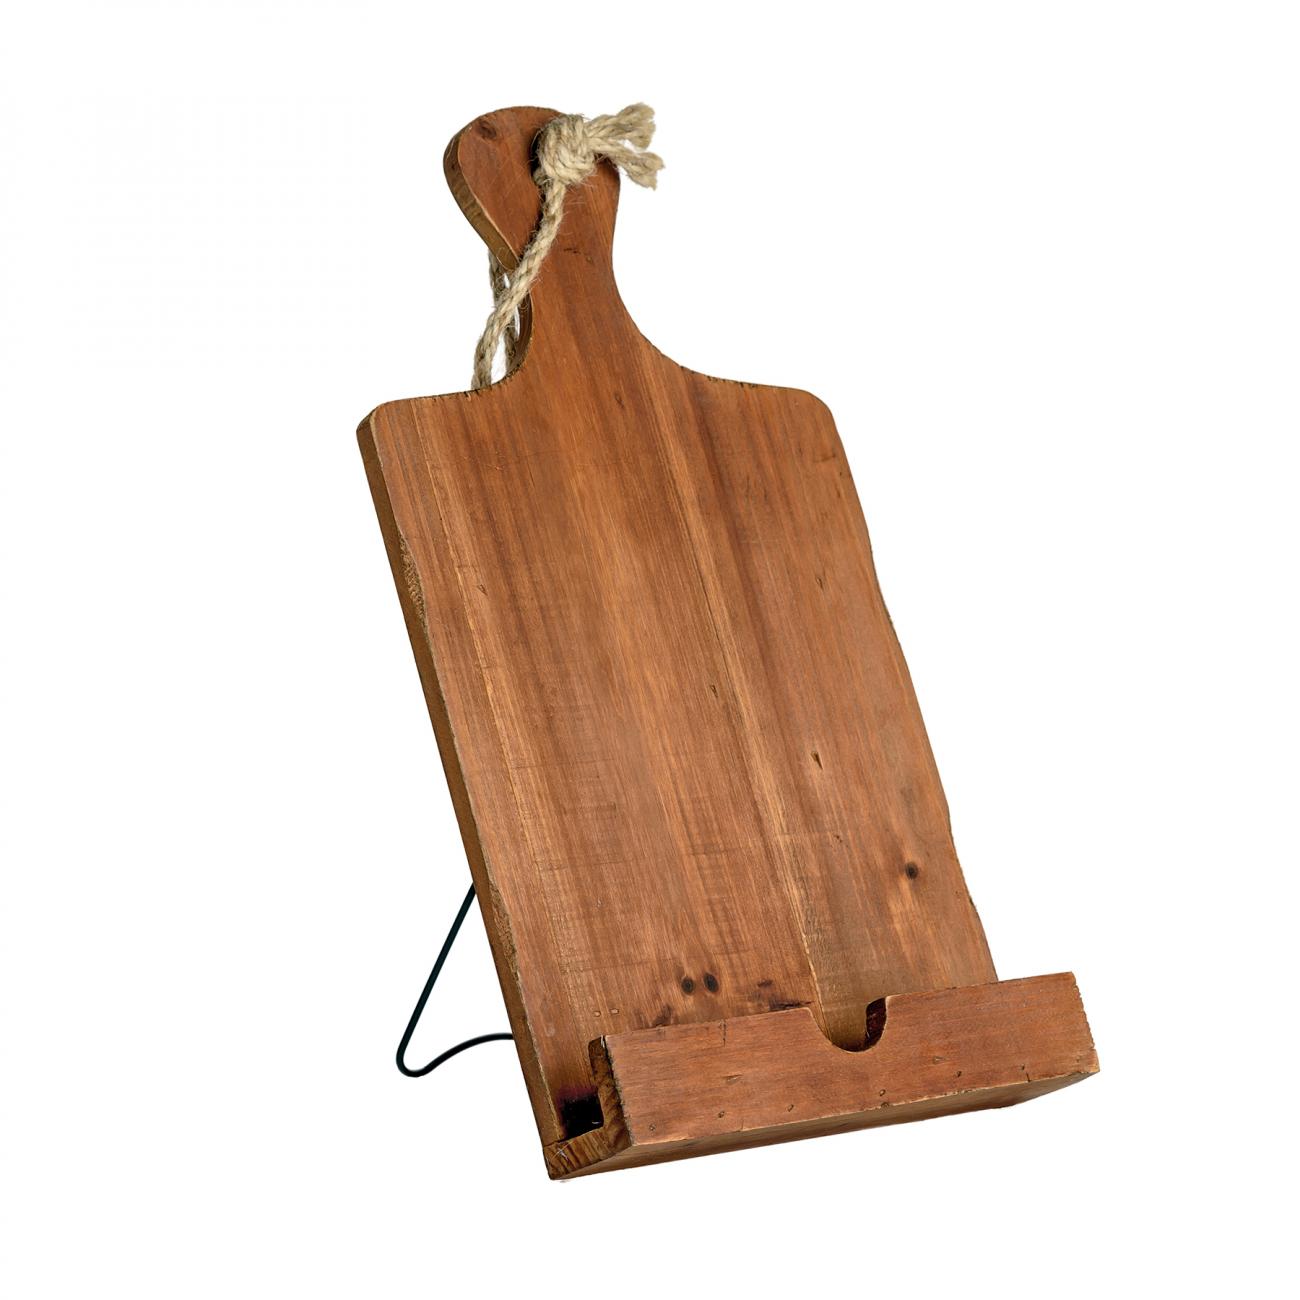 Купить Подставка деревянная для планшета Tablet Holder в интернет магазине дизайнерской мебели и аксессуаров для дома и дачи